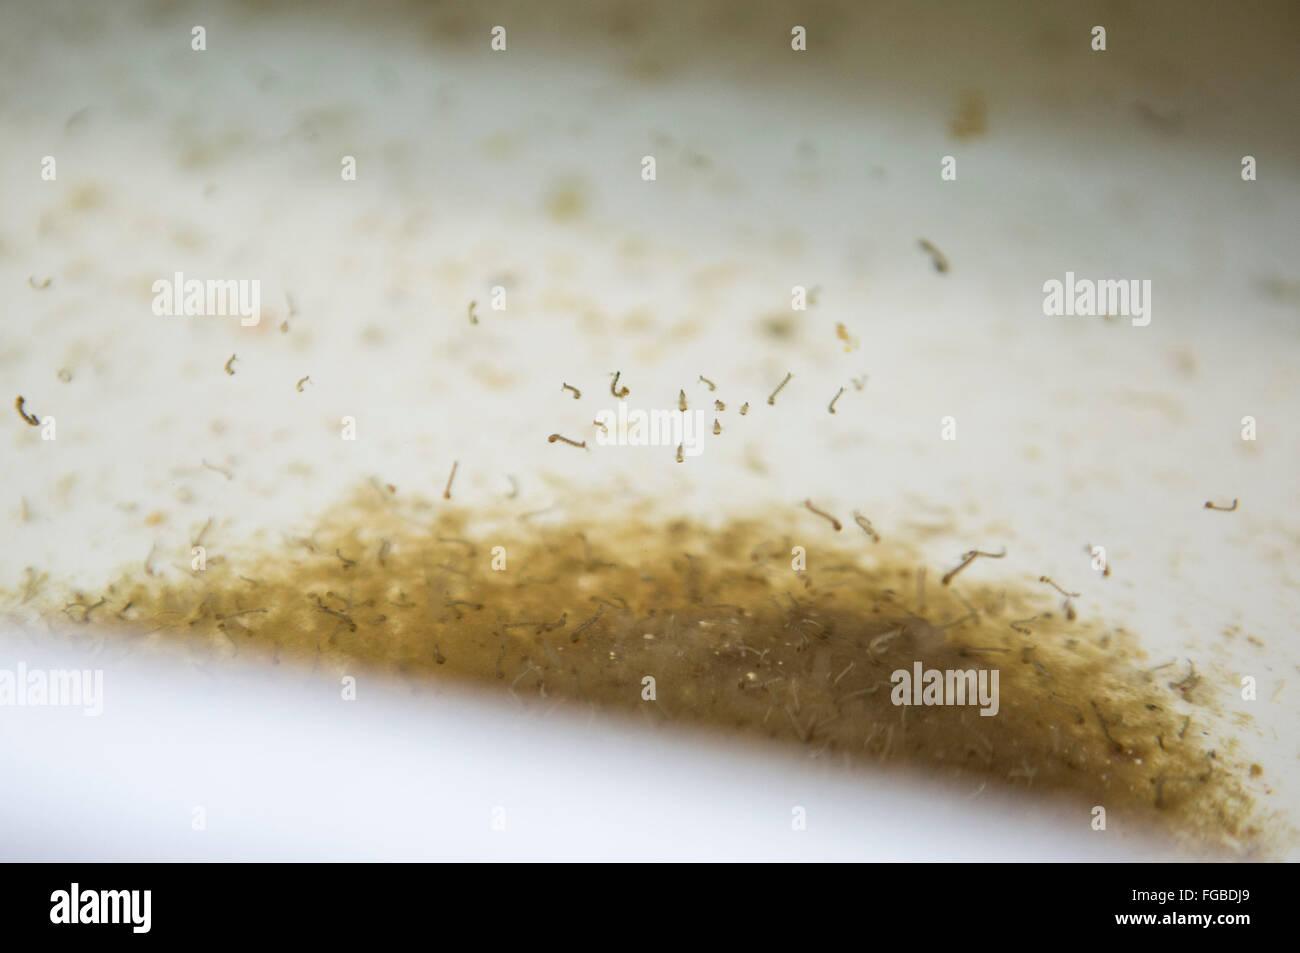 La Plata. Xvii Feb, 2016. Immagine presa nel febbraio 17, 2016 mostra Aedes aegypti zanzare larve essendo cresciuto Immagini Stock